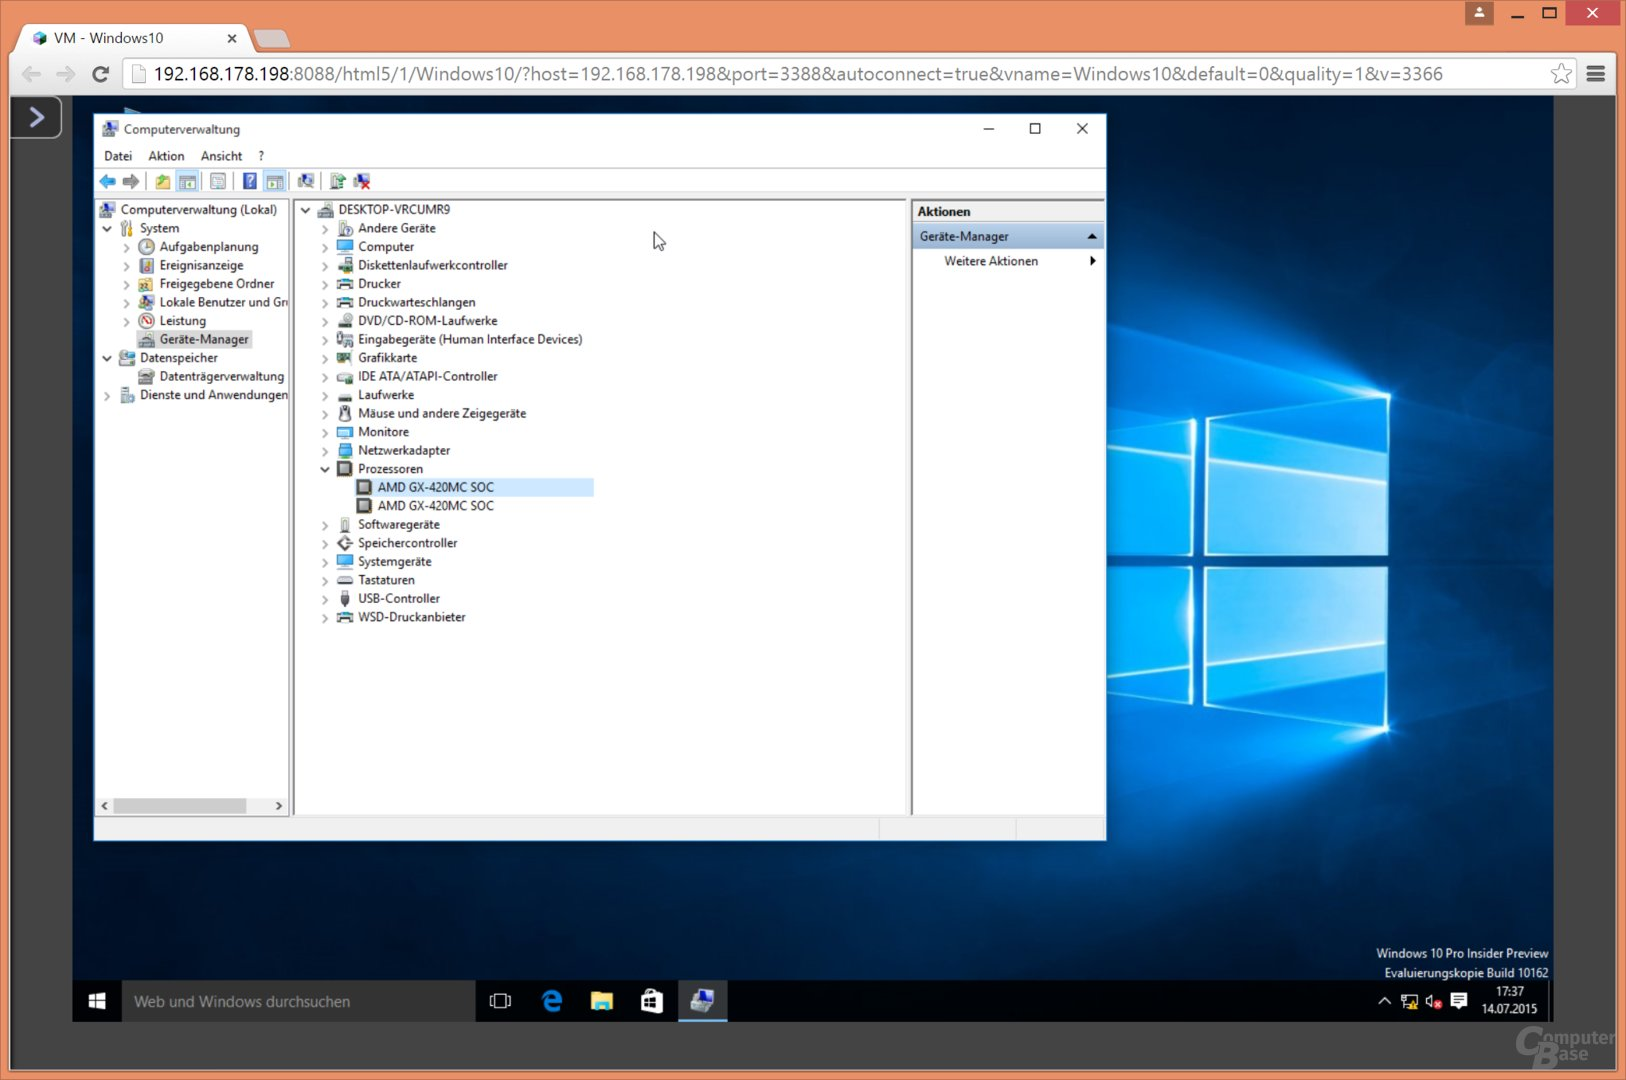 Windows 10 als VM auf der QNAP TS-563